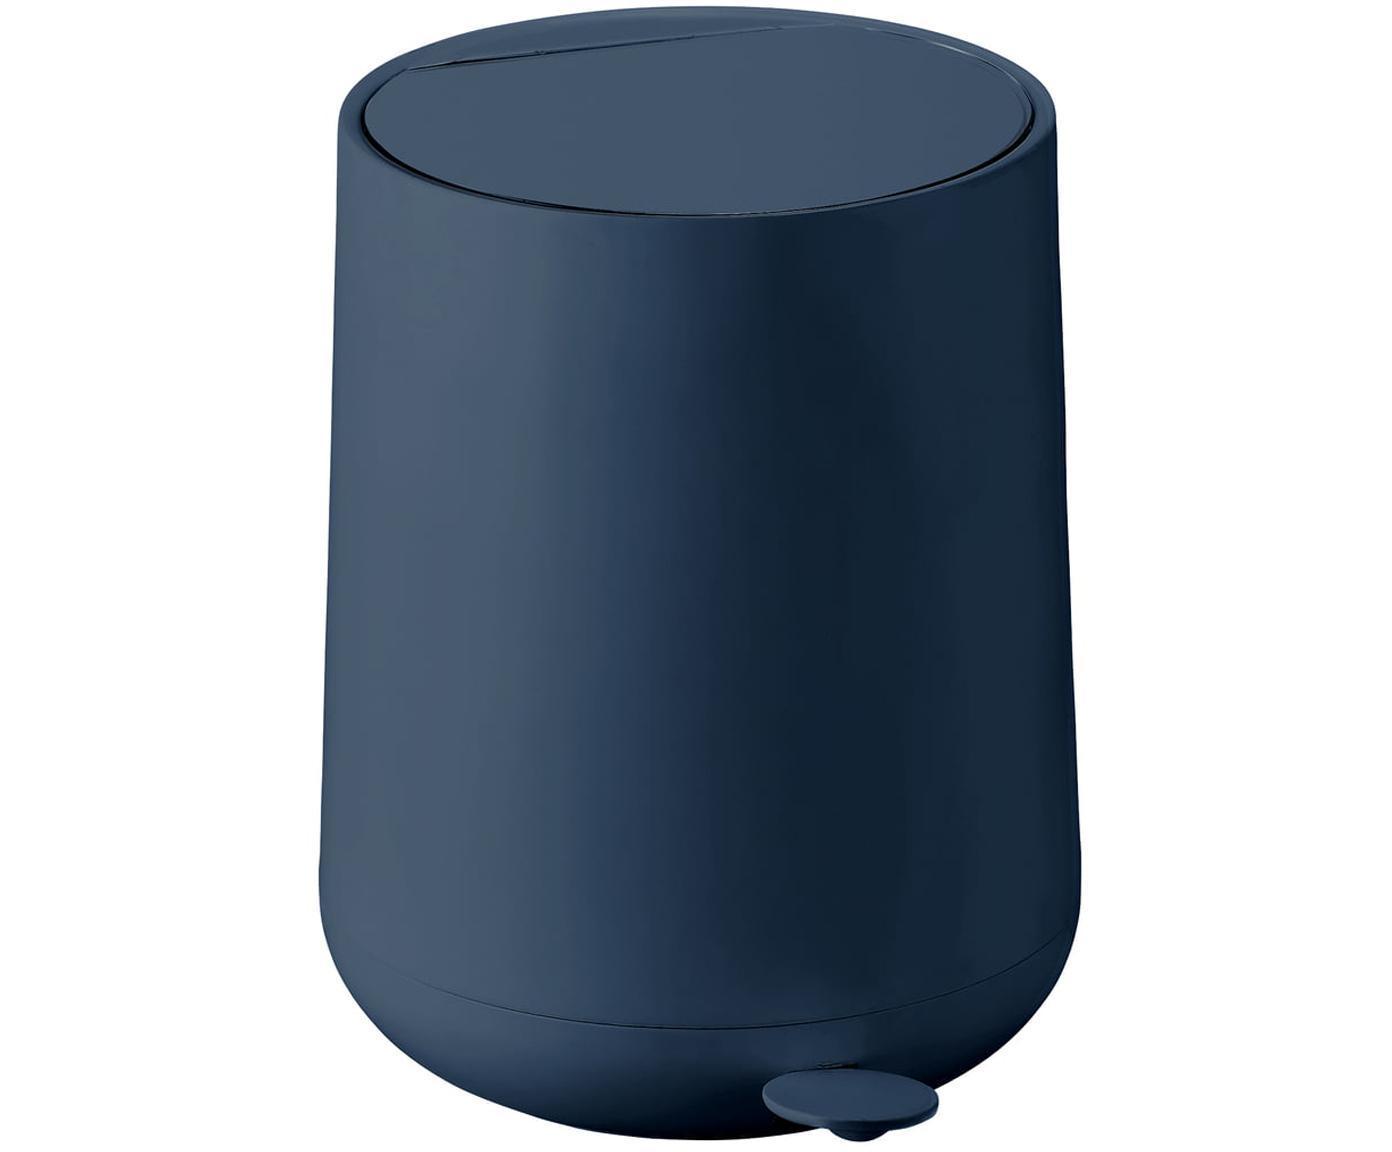 Afvalemmer Nova, ABS kunststof, Royal blue, Ø 23 x H 29 cm